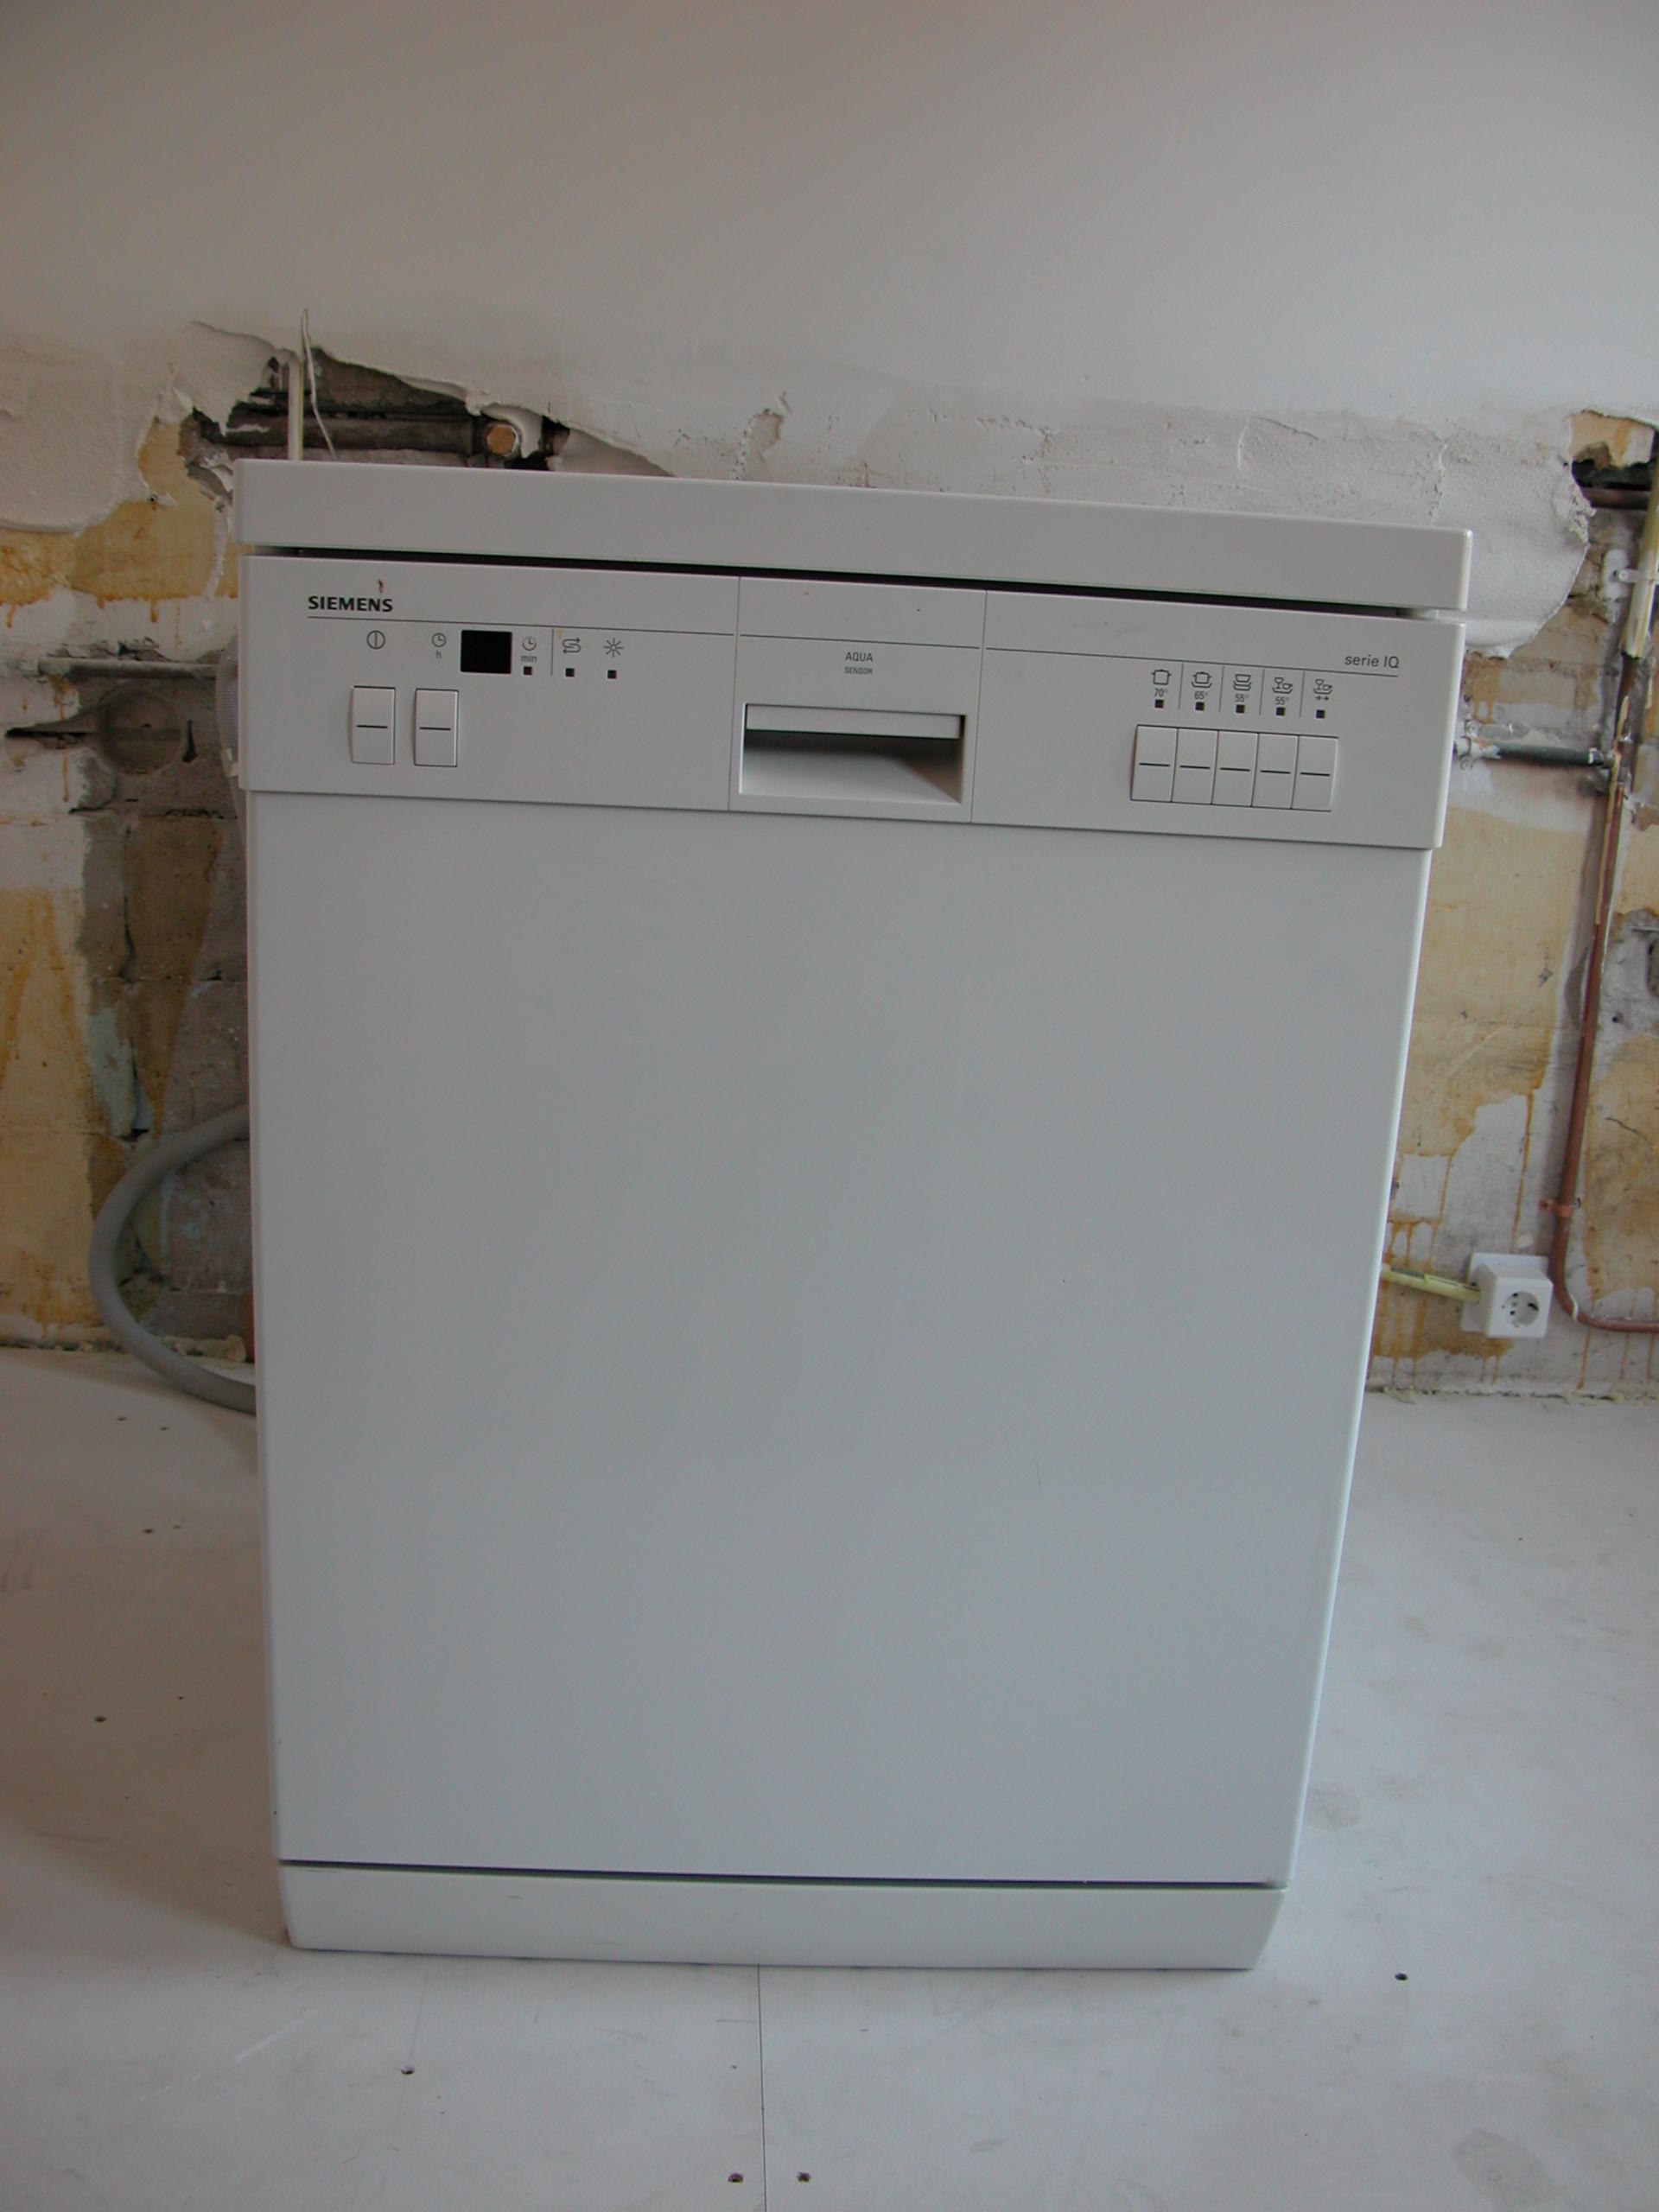 amana dishwasher repairs cincinnati